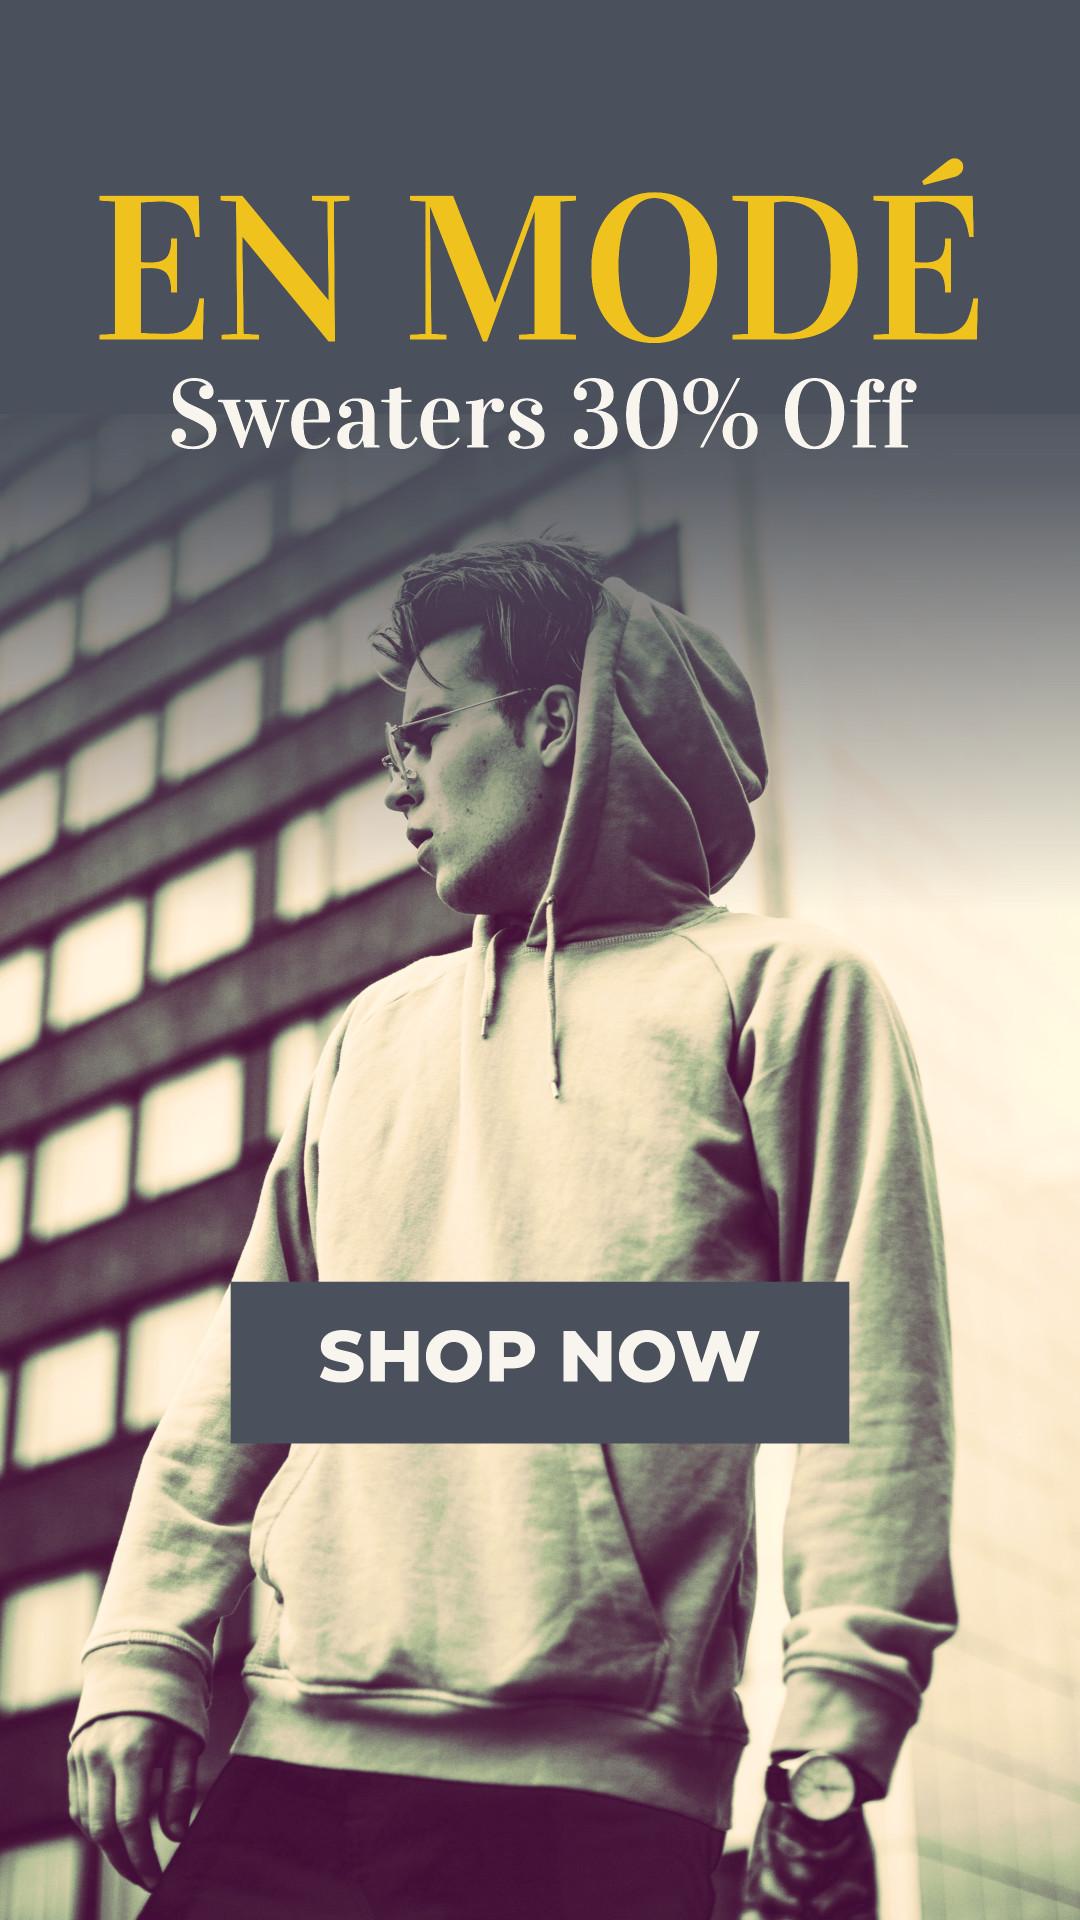 En mode - Sweaters 30% off